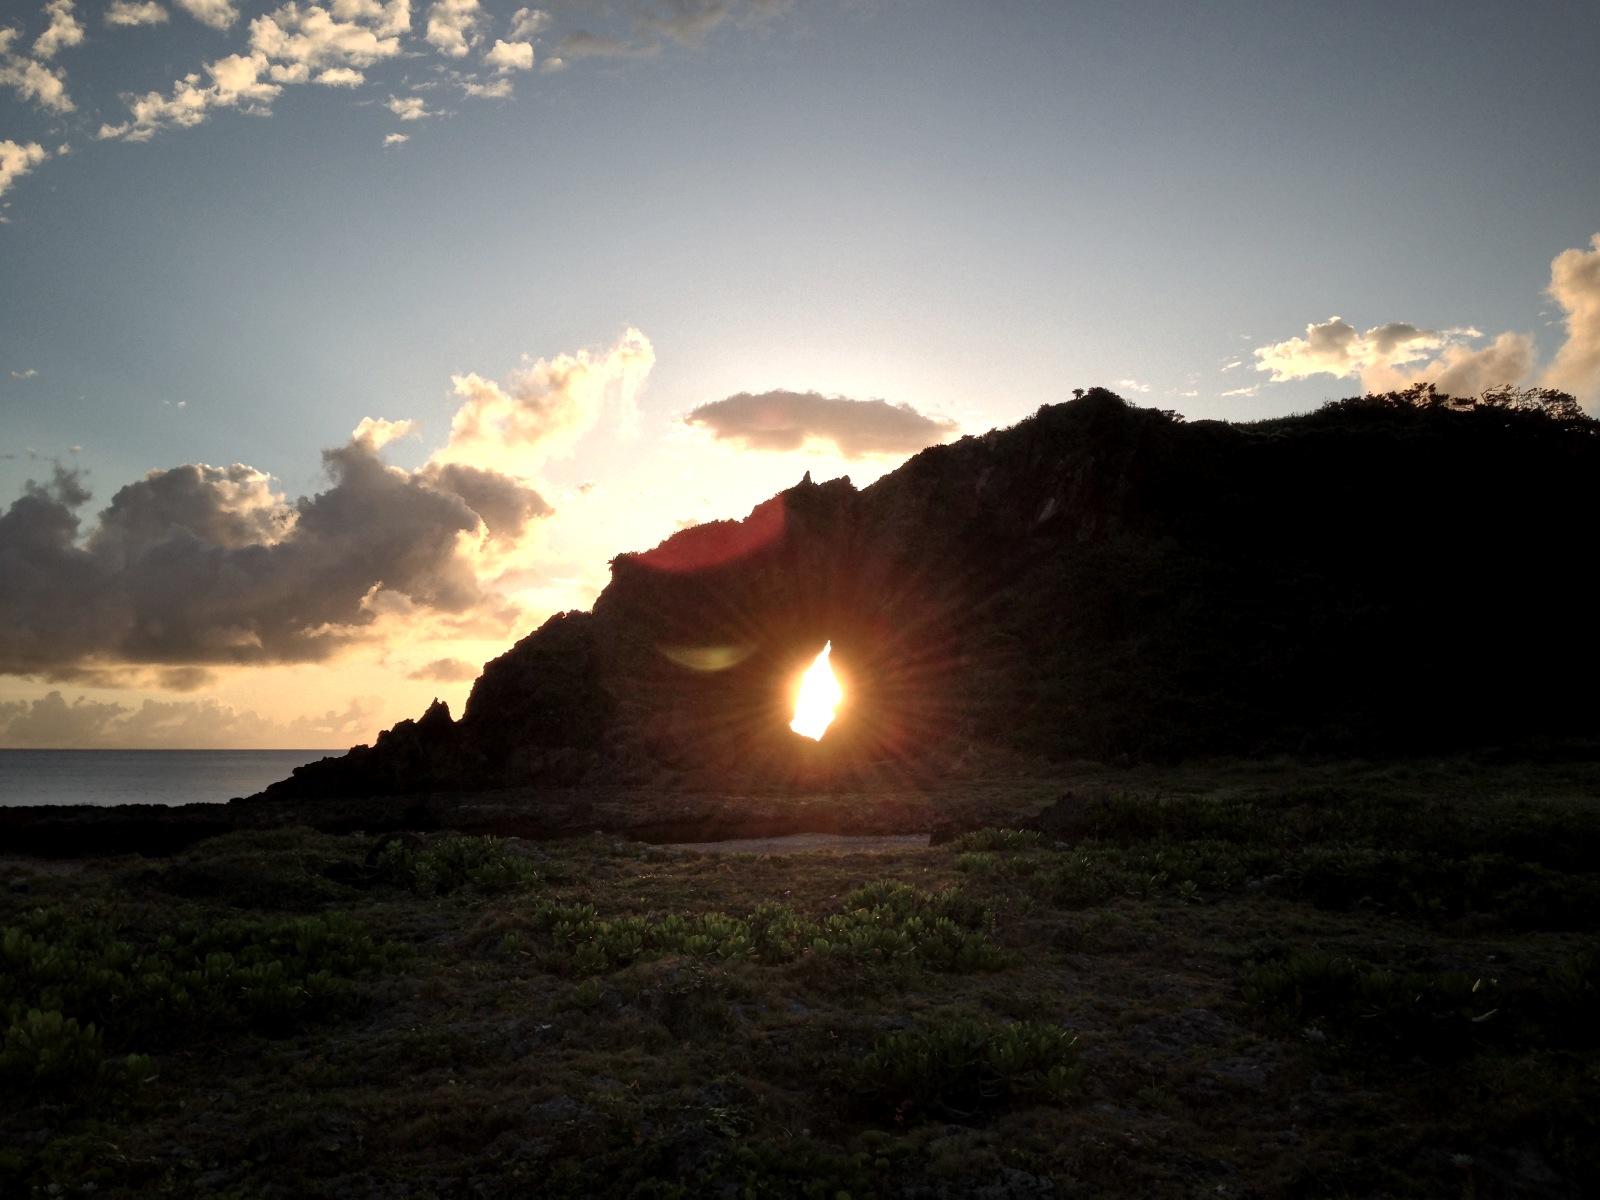 久米島で「ダイヤモンド朝日」を見られるシーズンが到来 、1年で夏至の時期だけ見られる「ミーフガー」の絶景